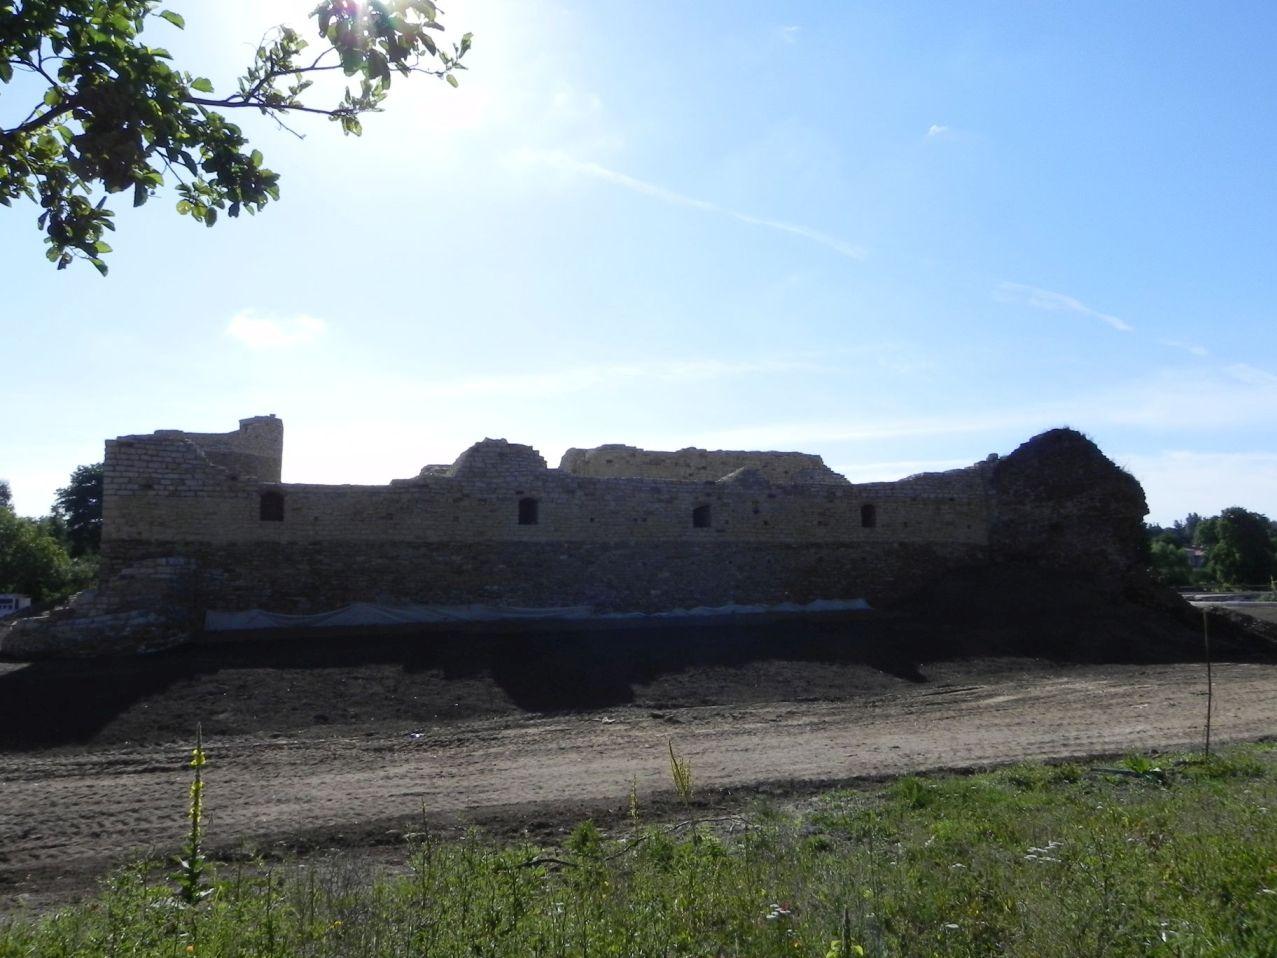 2012-07-22 Inowłódz - Ruiny zamku (26)